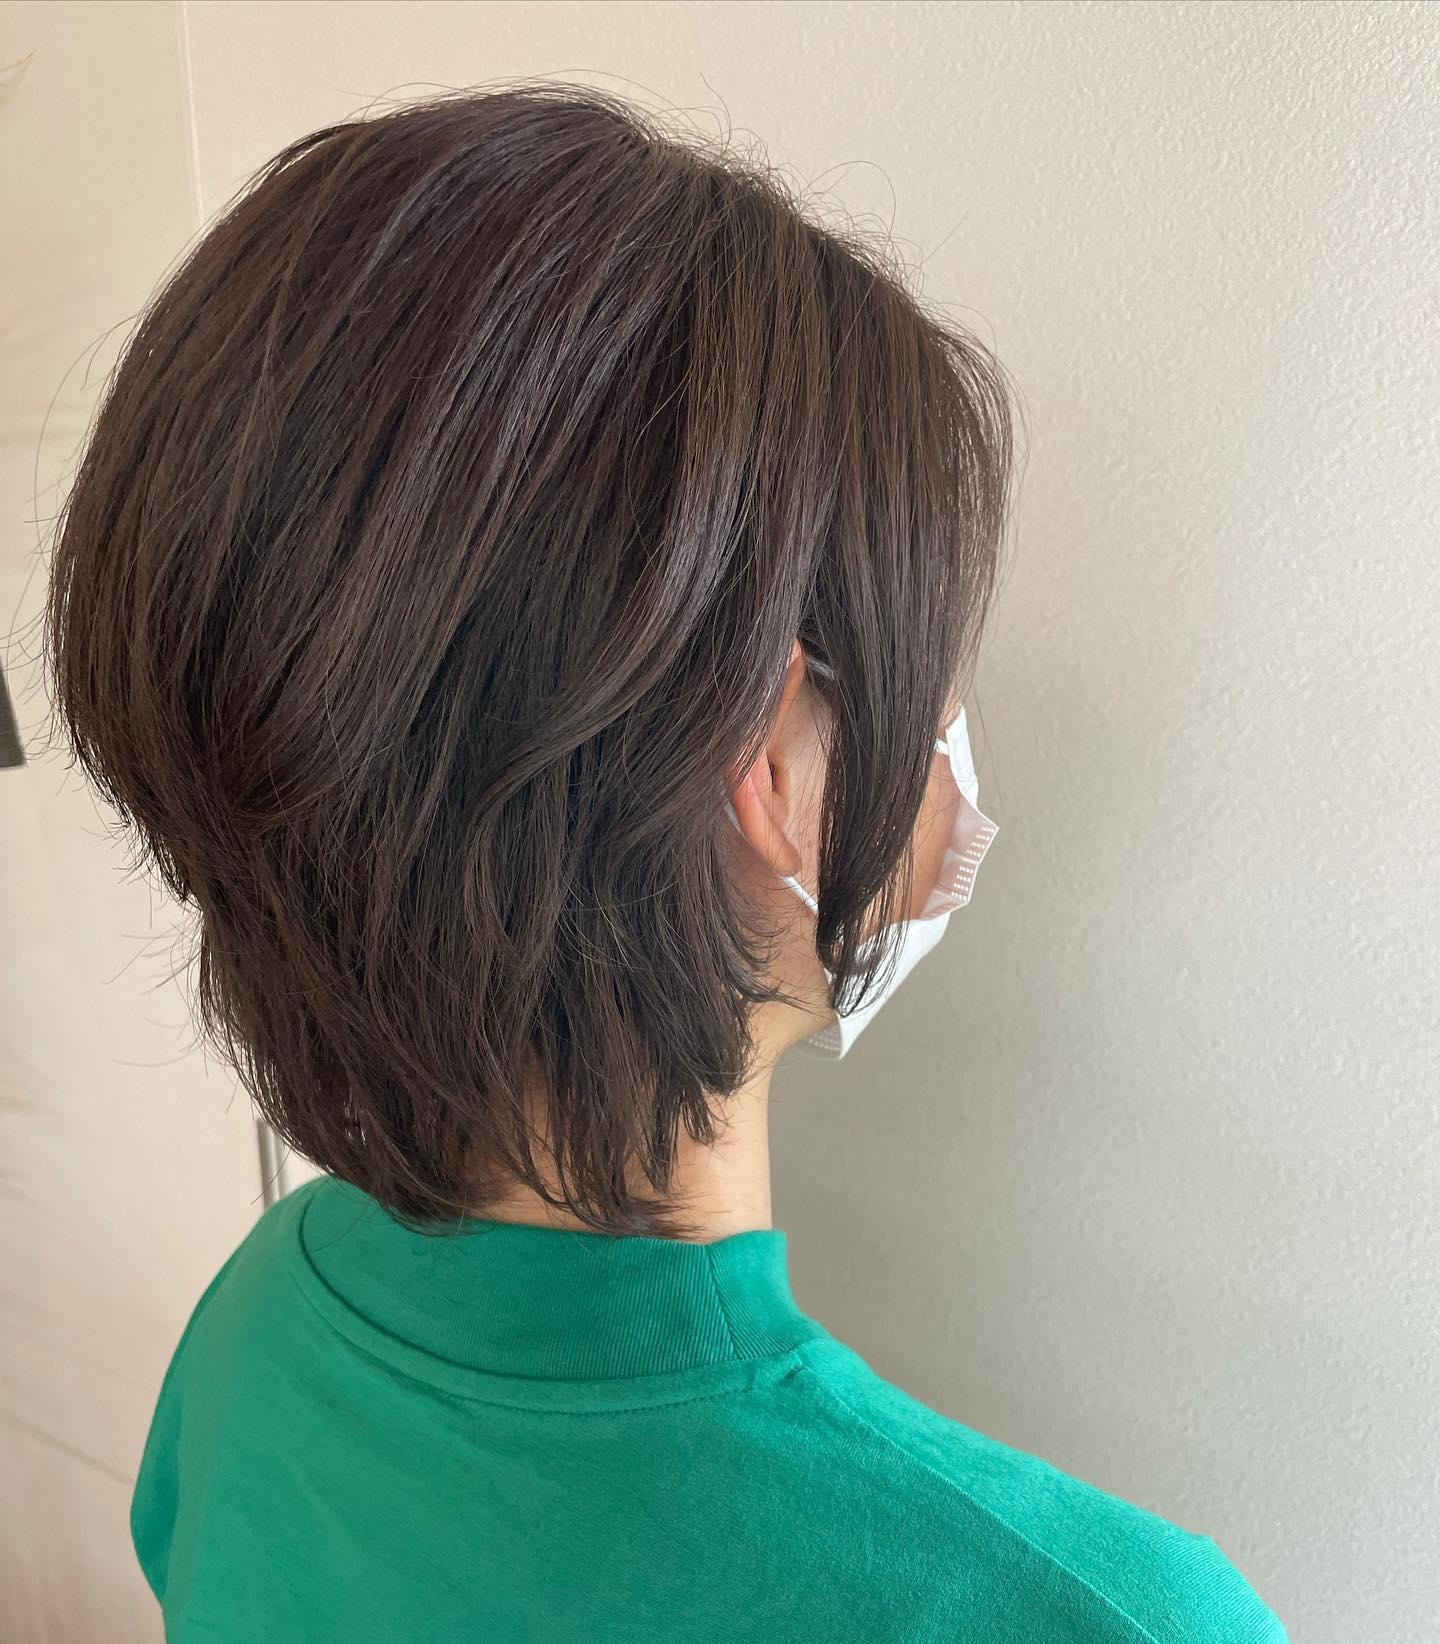 ミニウルフどんどんと短くなる今回はコテ仕上げですが普段はクセを生かしながら楽しんで欲しいです️#totti #hair #color #perm #cut #hairstyle #haircolor #hairarrange #stylist #care #carelist #aujua #イルミナカラー #headspa #treatment #美容院